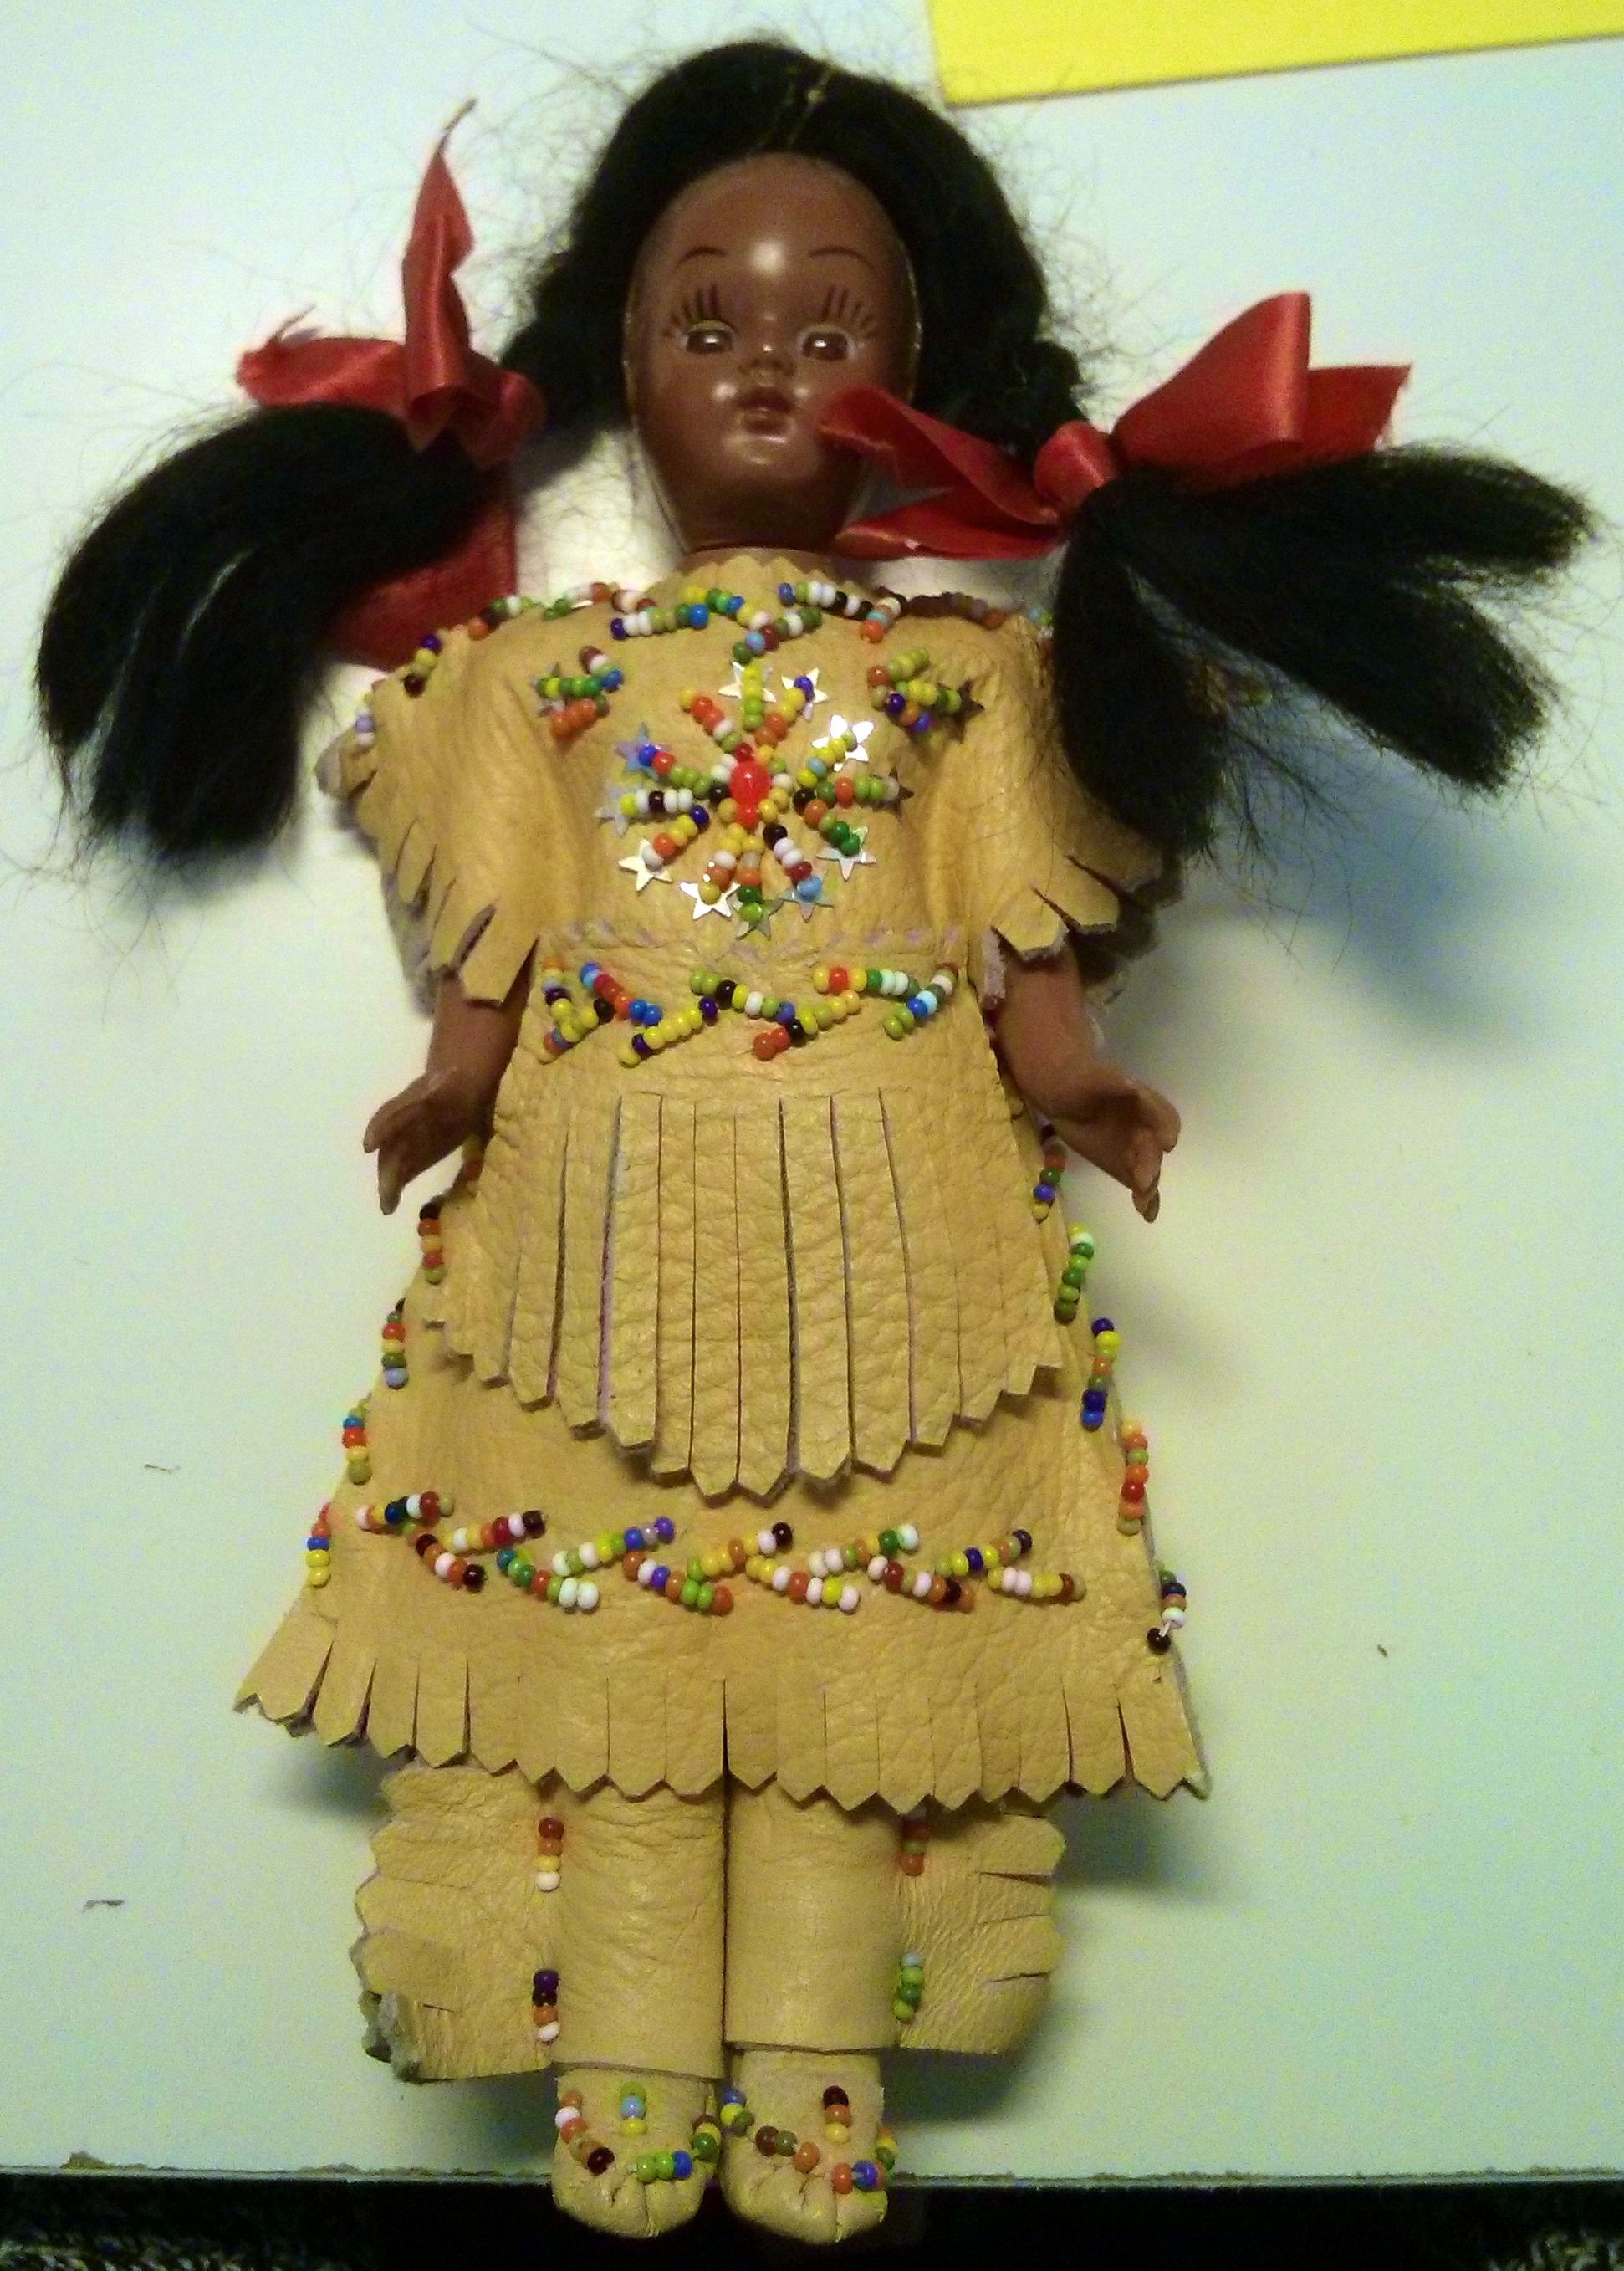 Elle perd ses cheveux la pauvre (je vais les recoller) et a perdu son bandeau. La poupée en tant que telle est probablement chinoise, mais ce type de vêtements ont peut-être été brodés à la main au Canada, peut-être même par de vrais Amérindiens, mais franchement peut-être pas.